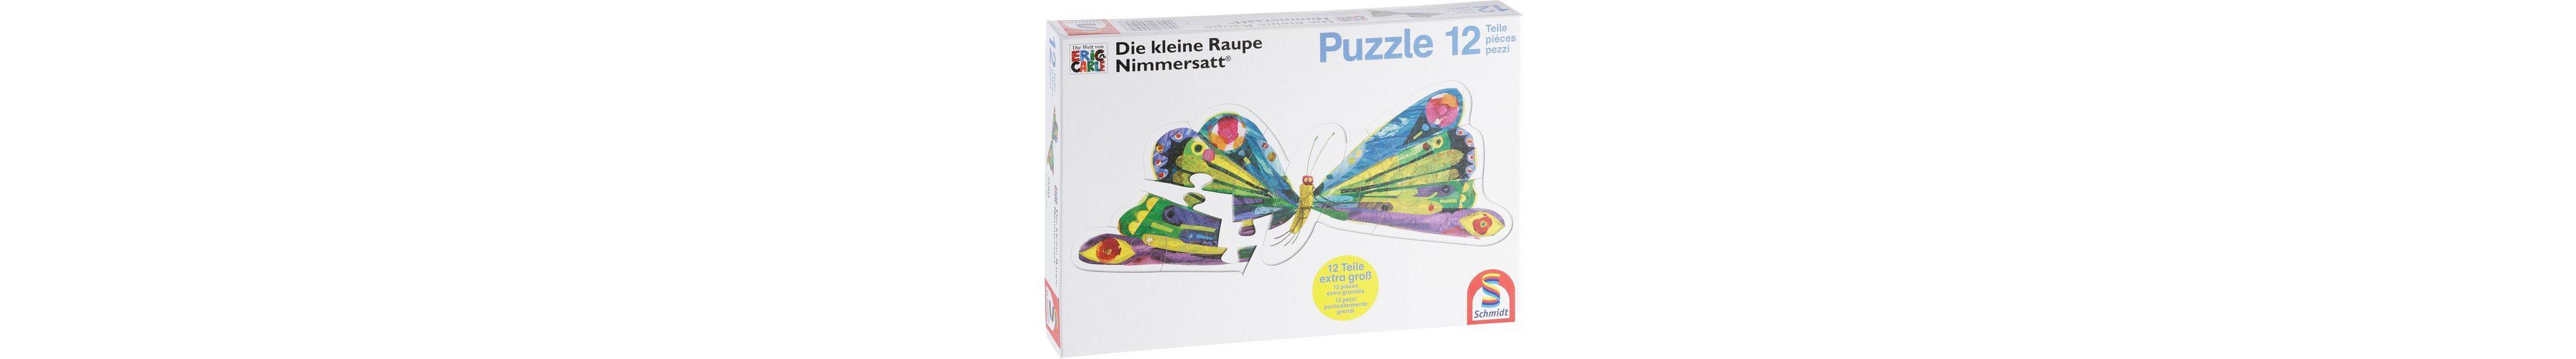 Schmidt Spiele Puzzle 12 Teile, »Die kleine Raupe Nimmersatt®«